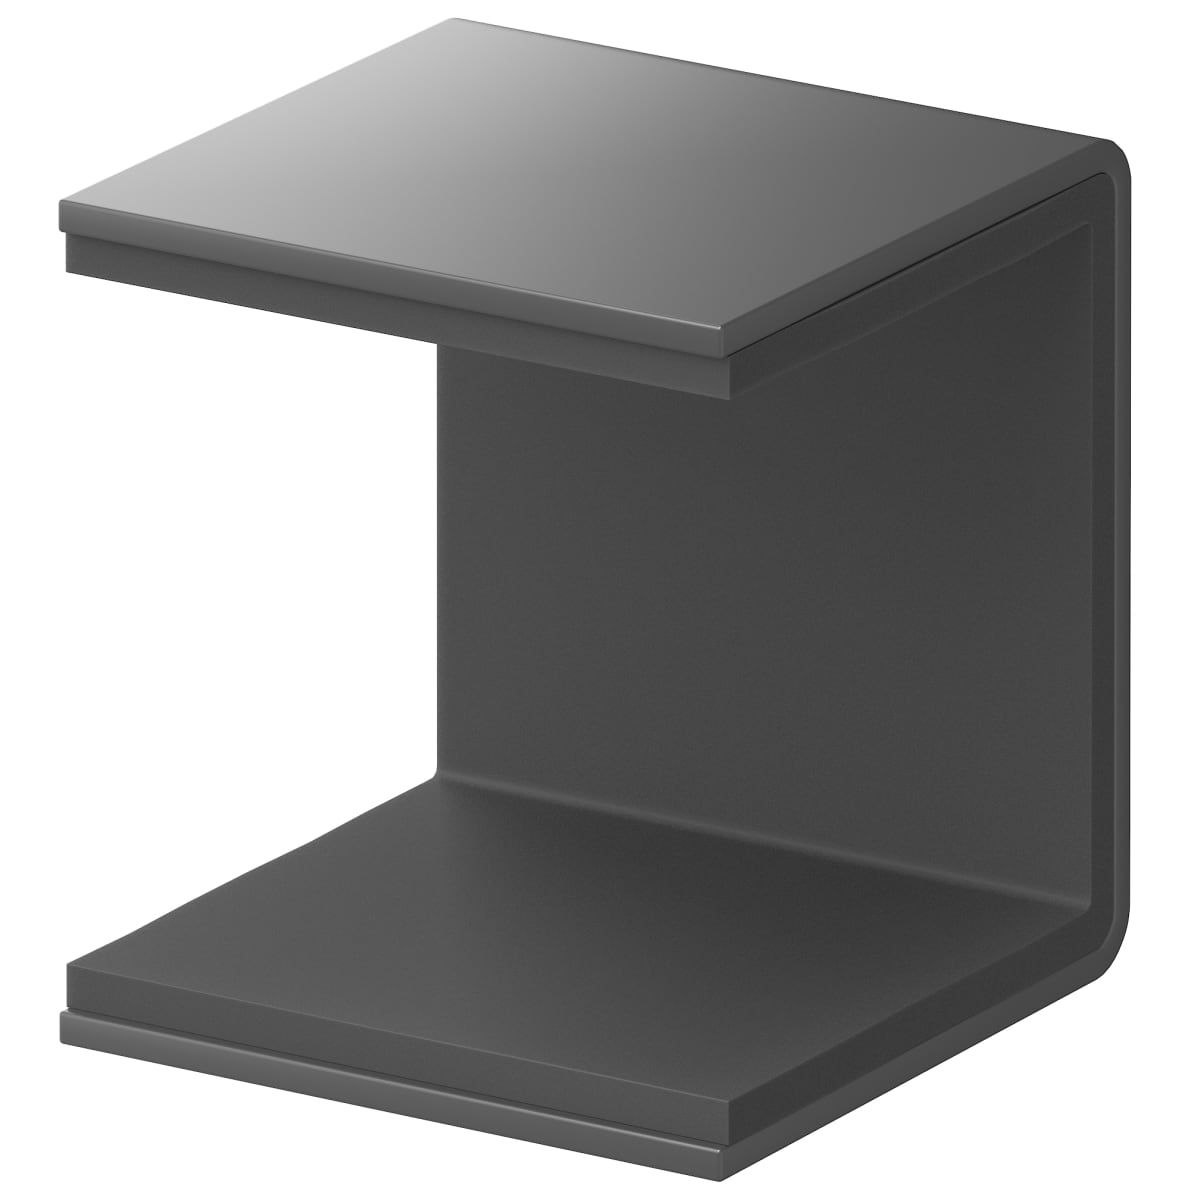 Скоба крепёжная для полки Spaceo KUB Paris 35 мм металл цвет черный